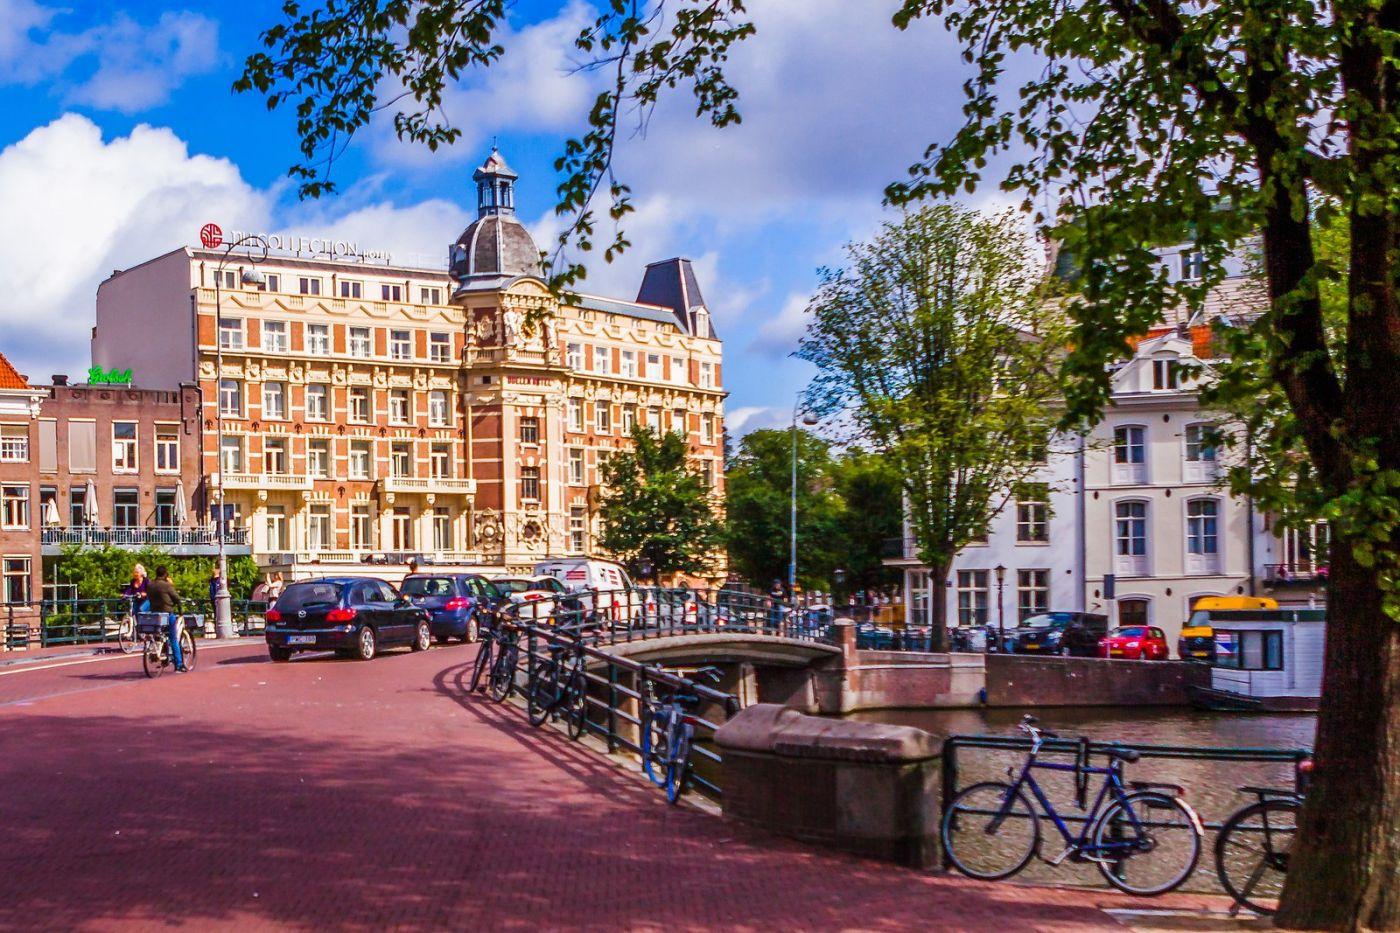 荷兰阿姆斯特丹,扫街随拍_图1-13